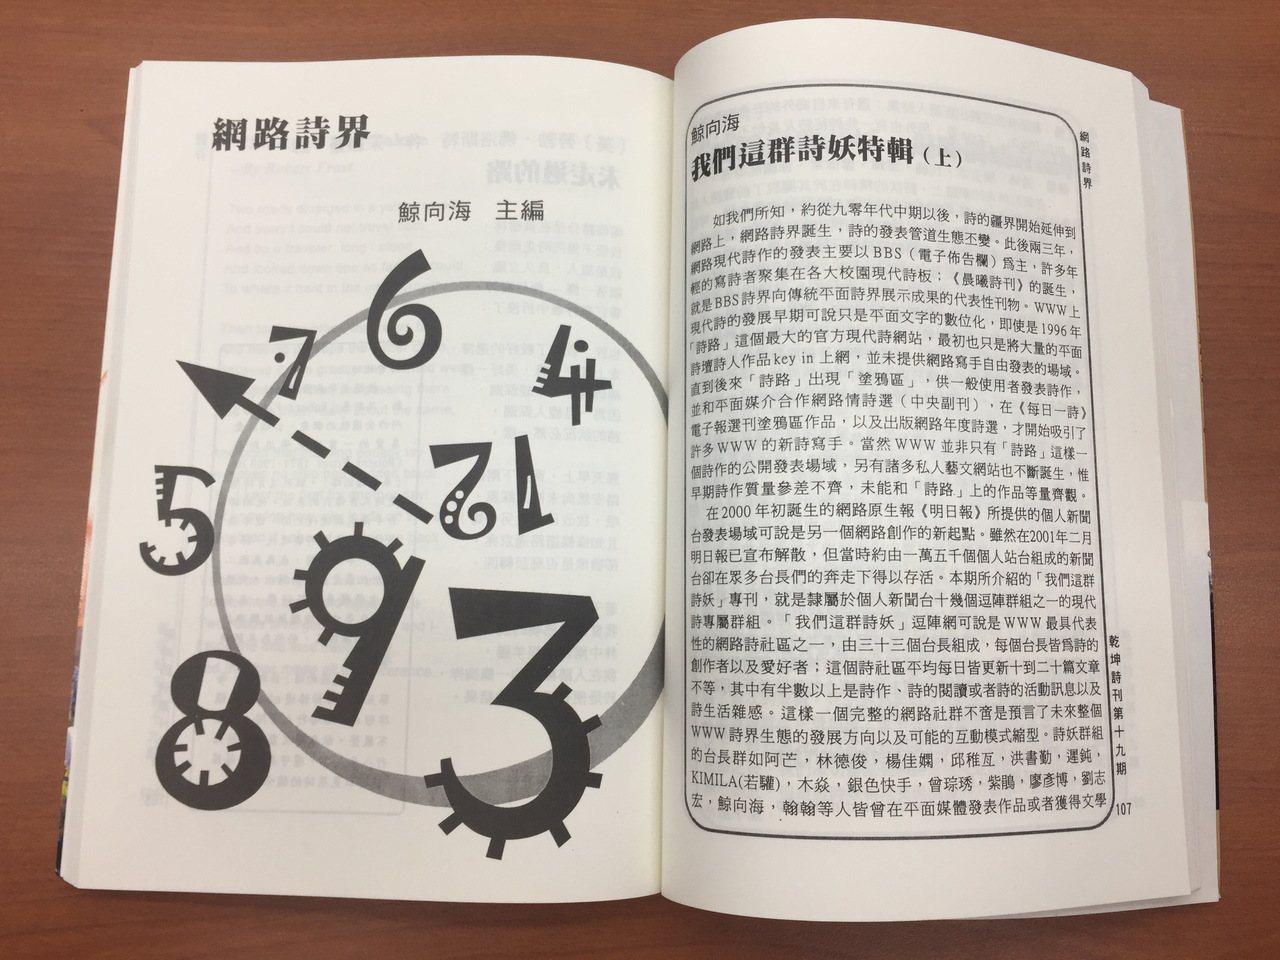 2001年秋季《乾坤詩刊》專文介紹〈我們這群詩妖〉。 圖/國立臺灣文學館提供